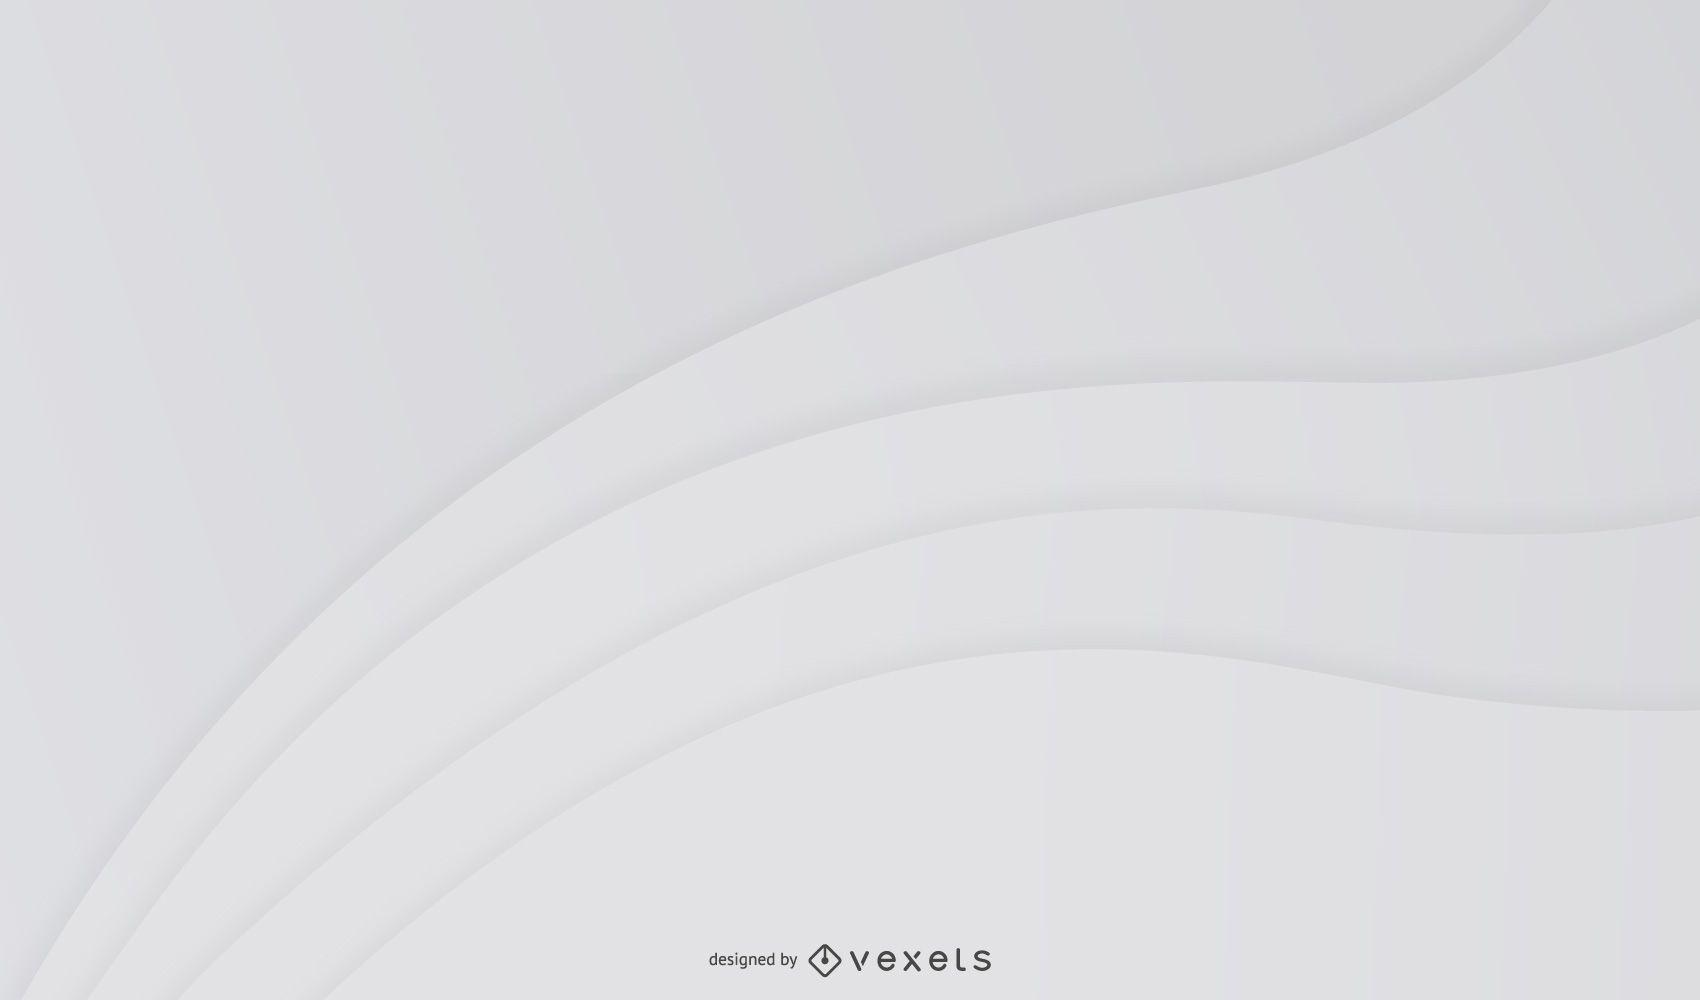 Fondo gris abstracto ondas curvas